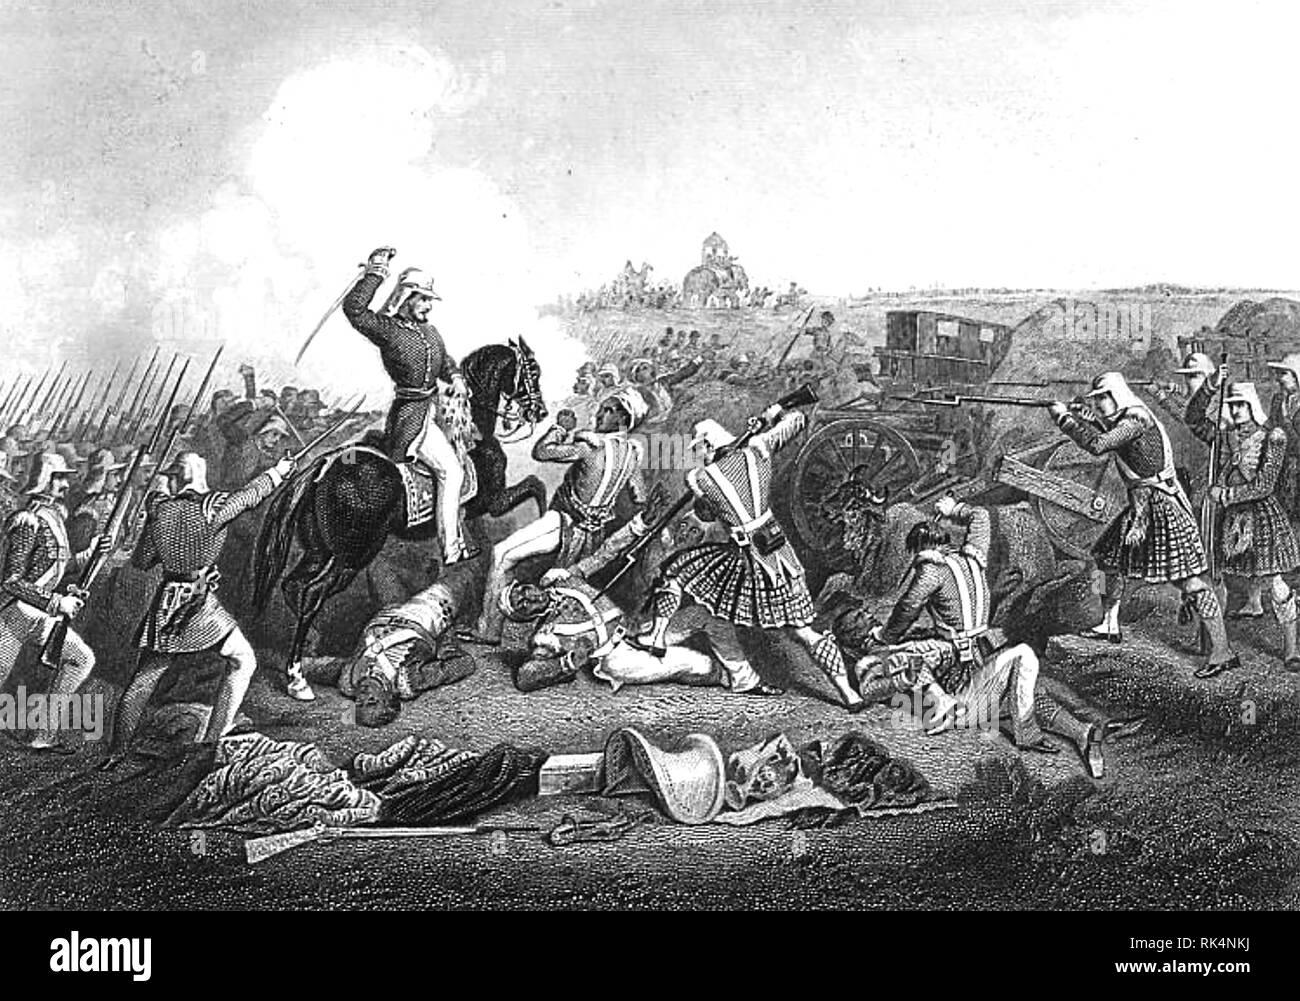 HENRY HAVELOCK (1795-1857) Britische Armee Allgemein. Seine Kräfte angreifen, von Nana Sahib an Futtyporer (Fatephur) im Jahre 1857 während der indischen Meuterei. Stockfoto